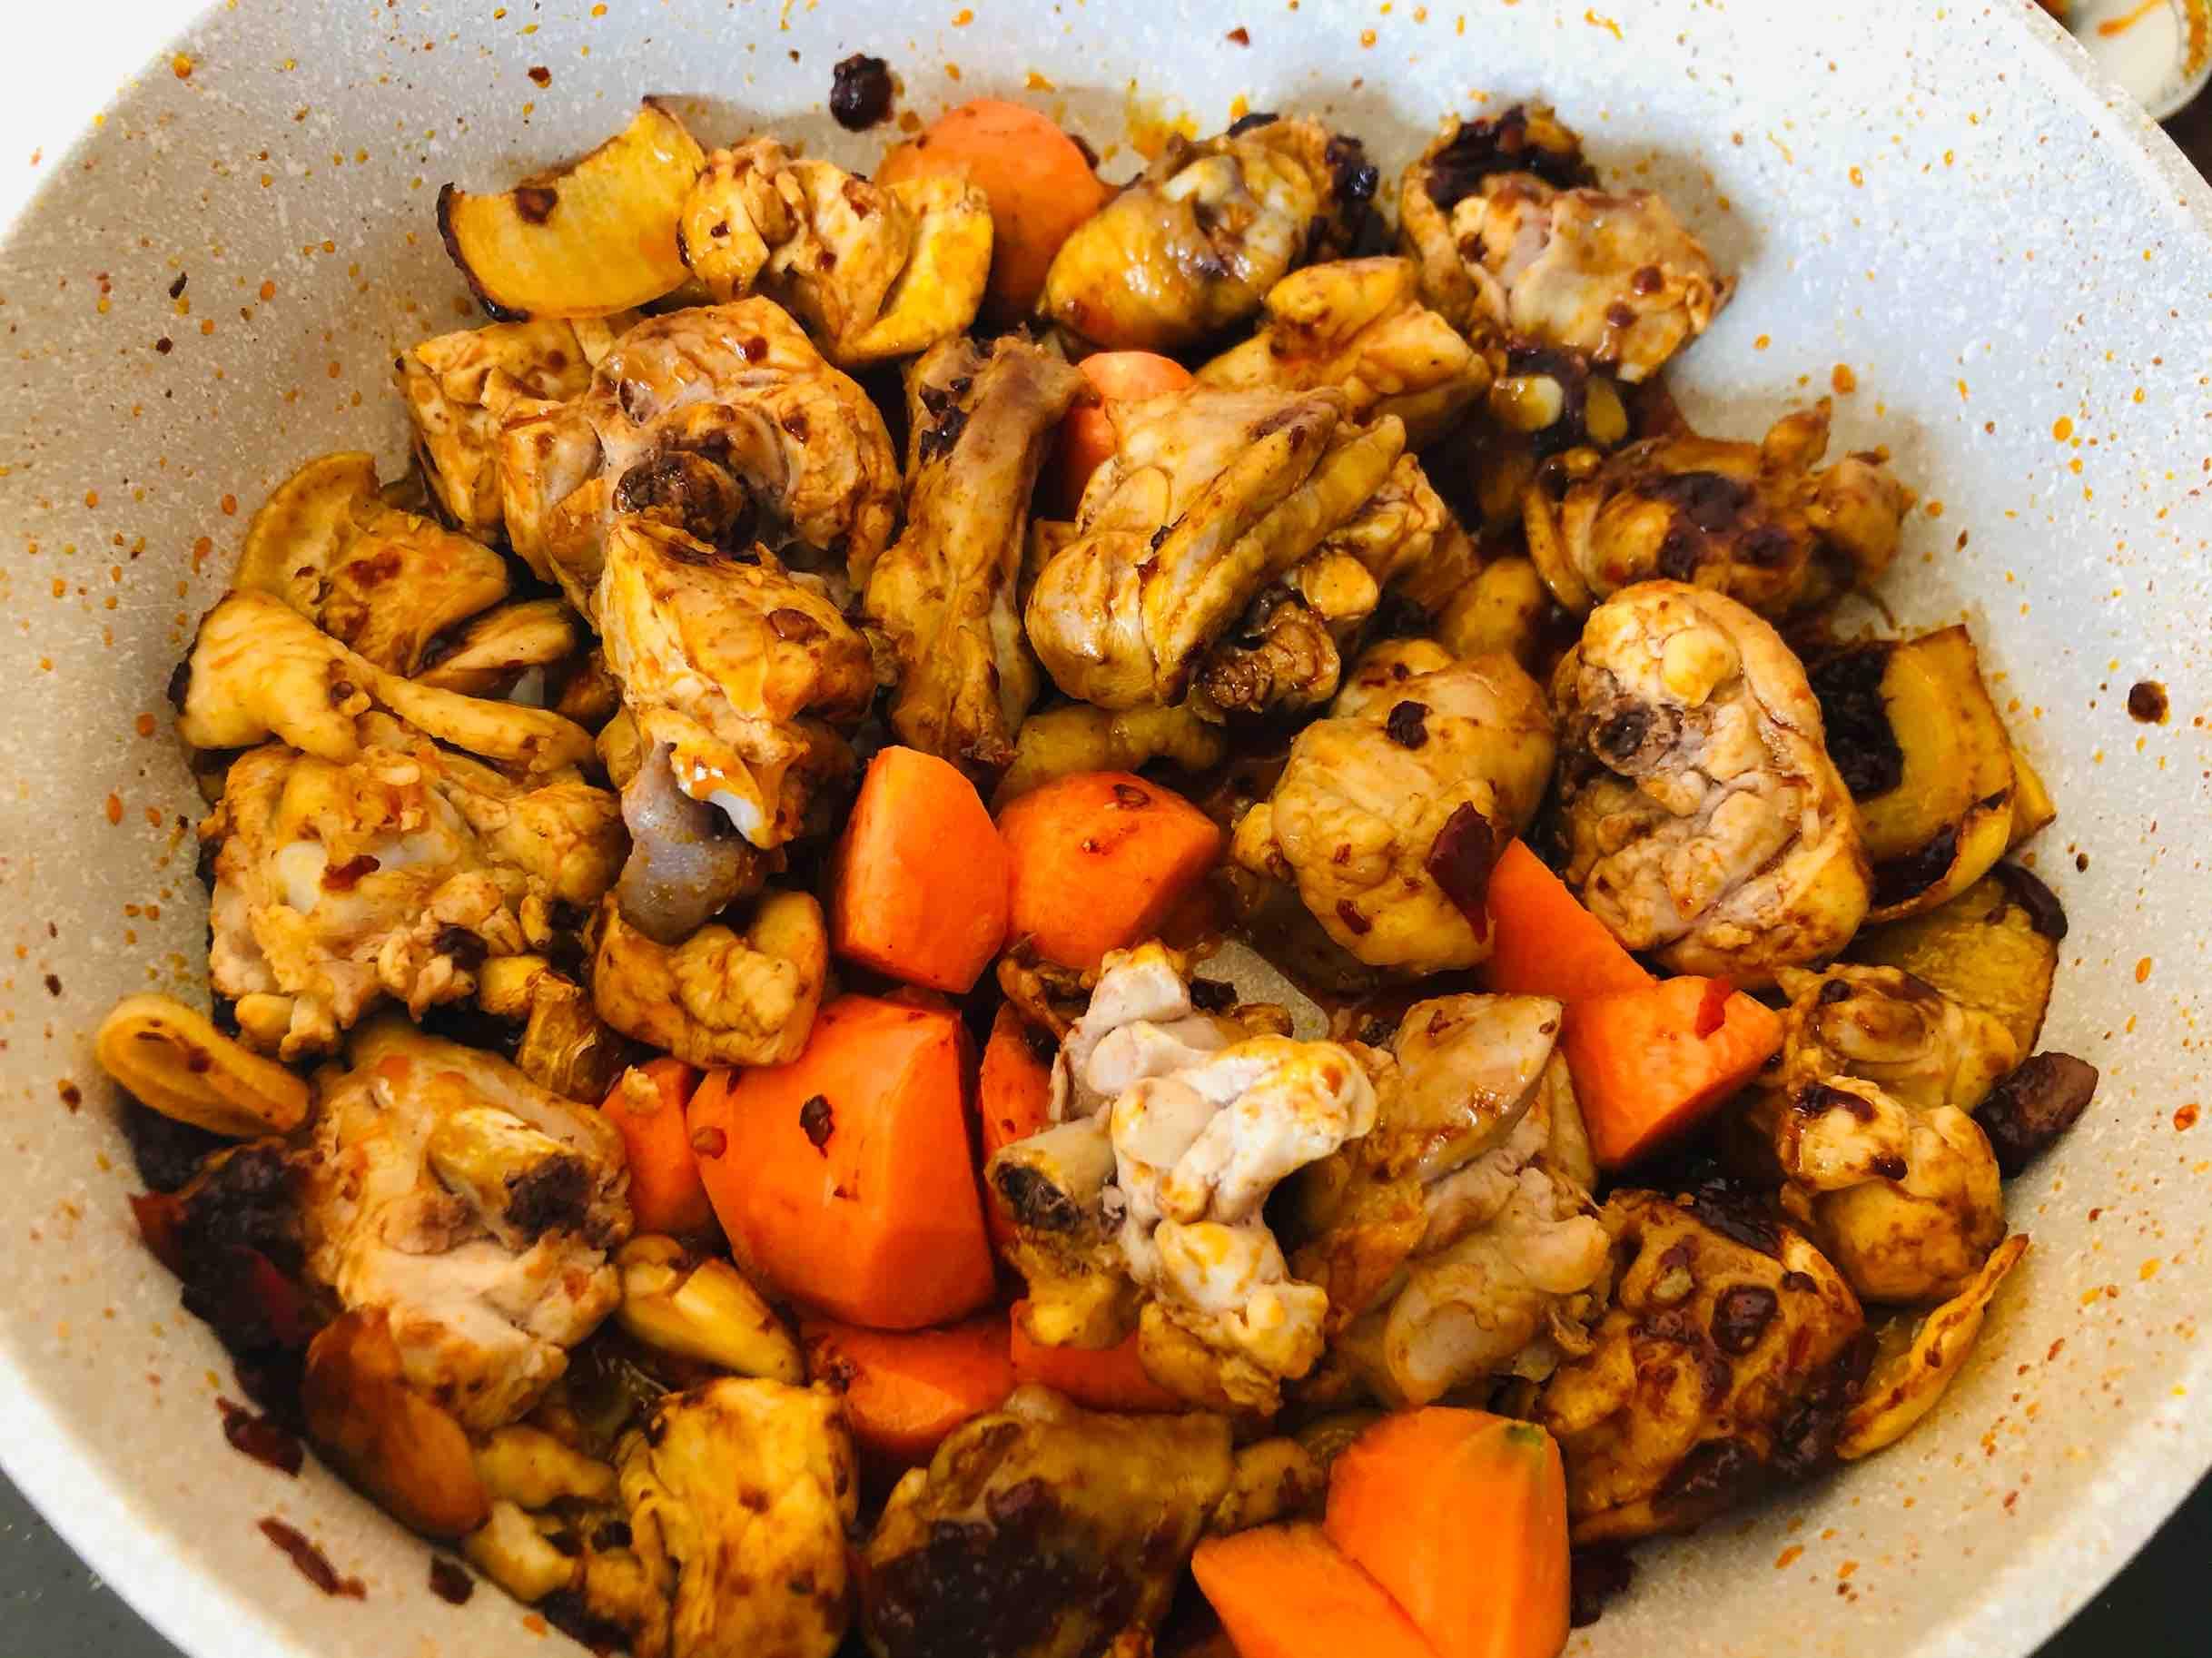 火锅鸡的家常做法,香辣过瘾简单易做,配米饭太下饭啦怎样煸